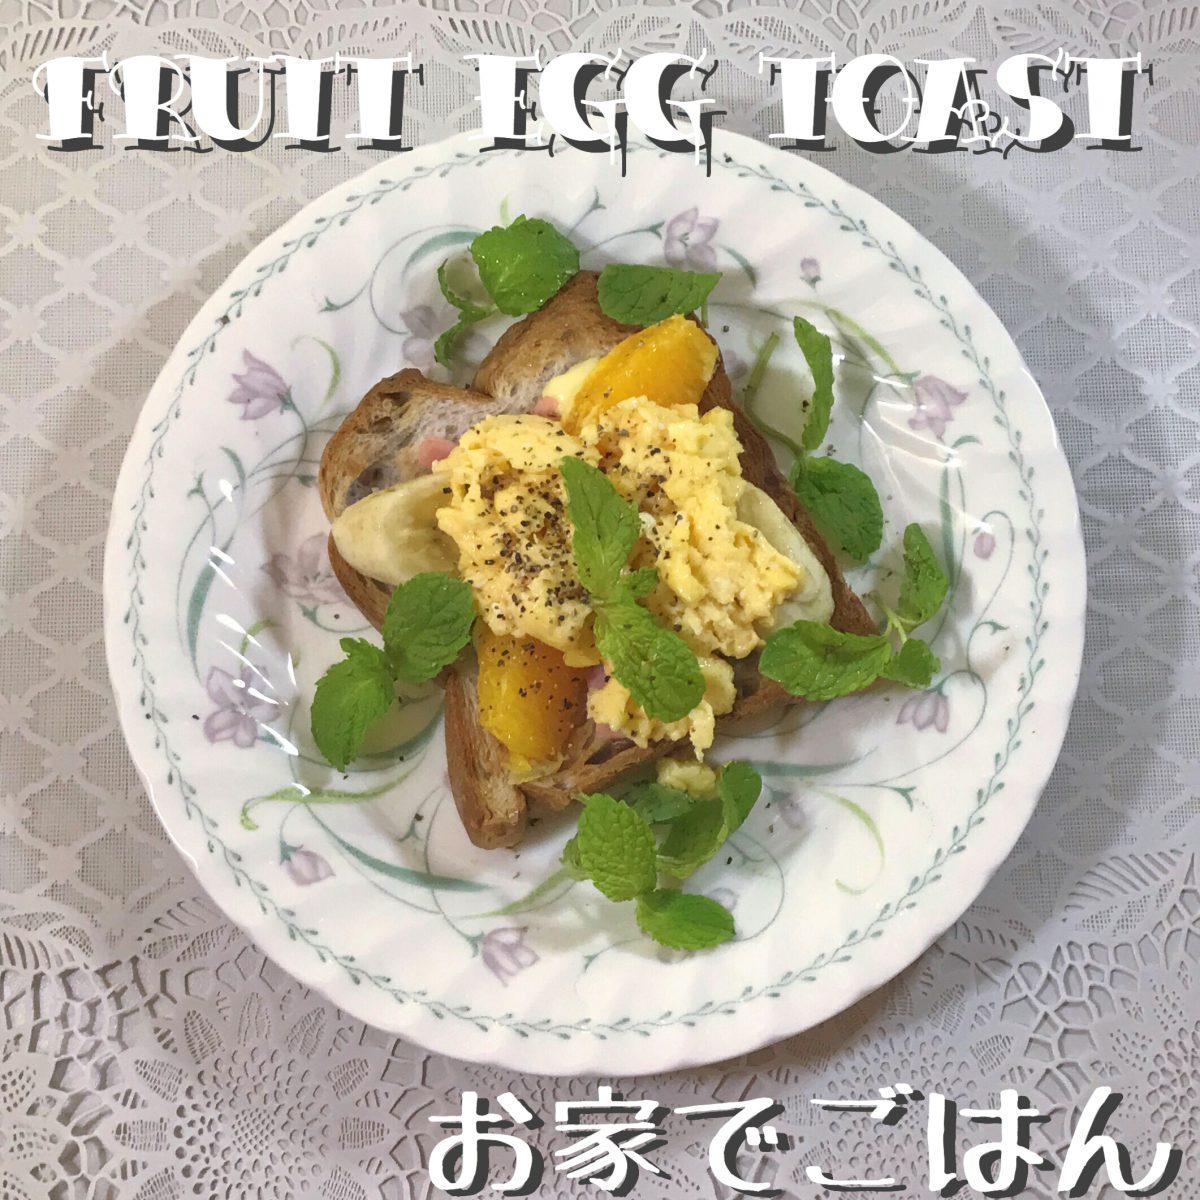 フルーツエッグトースト